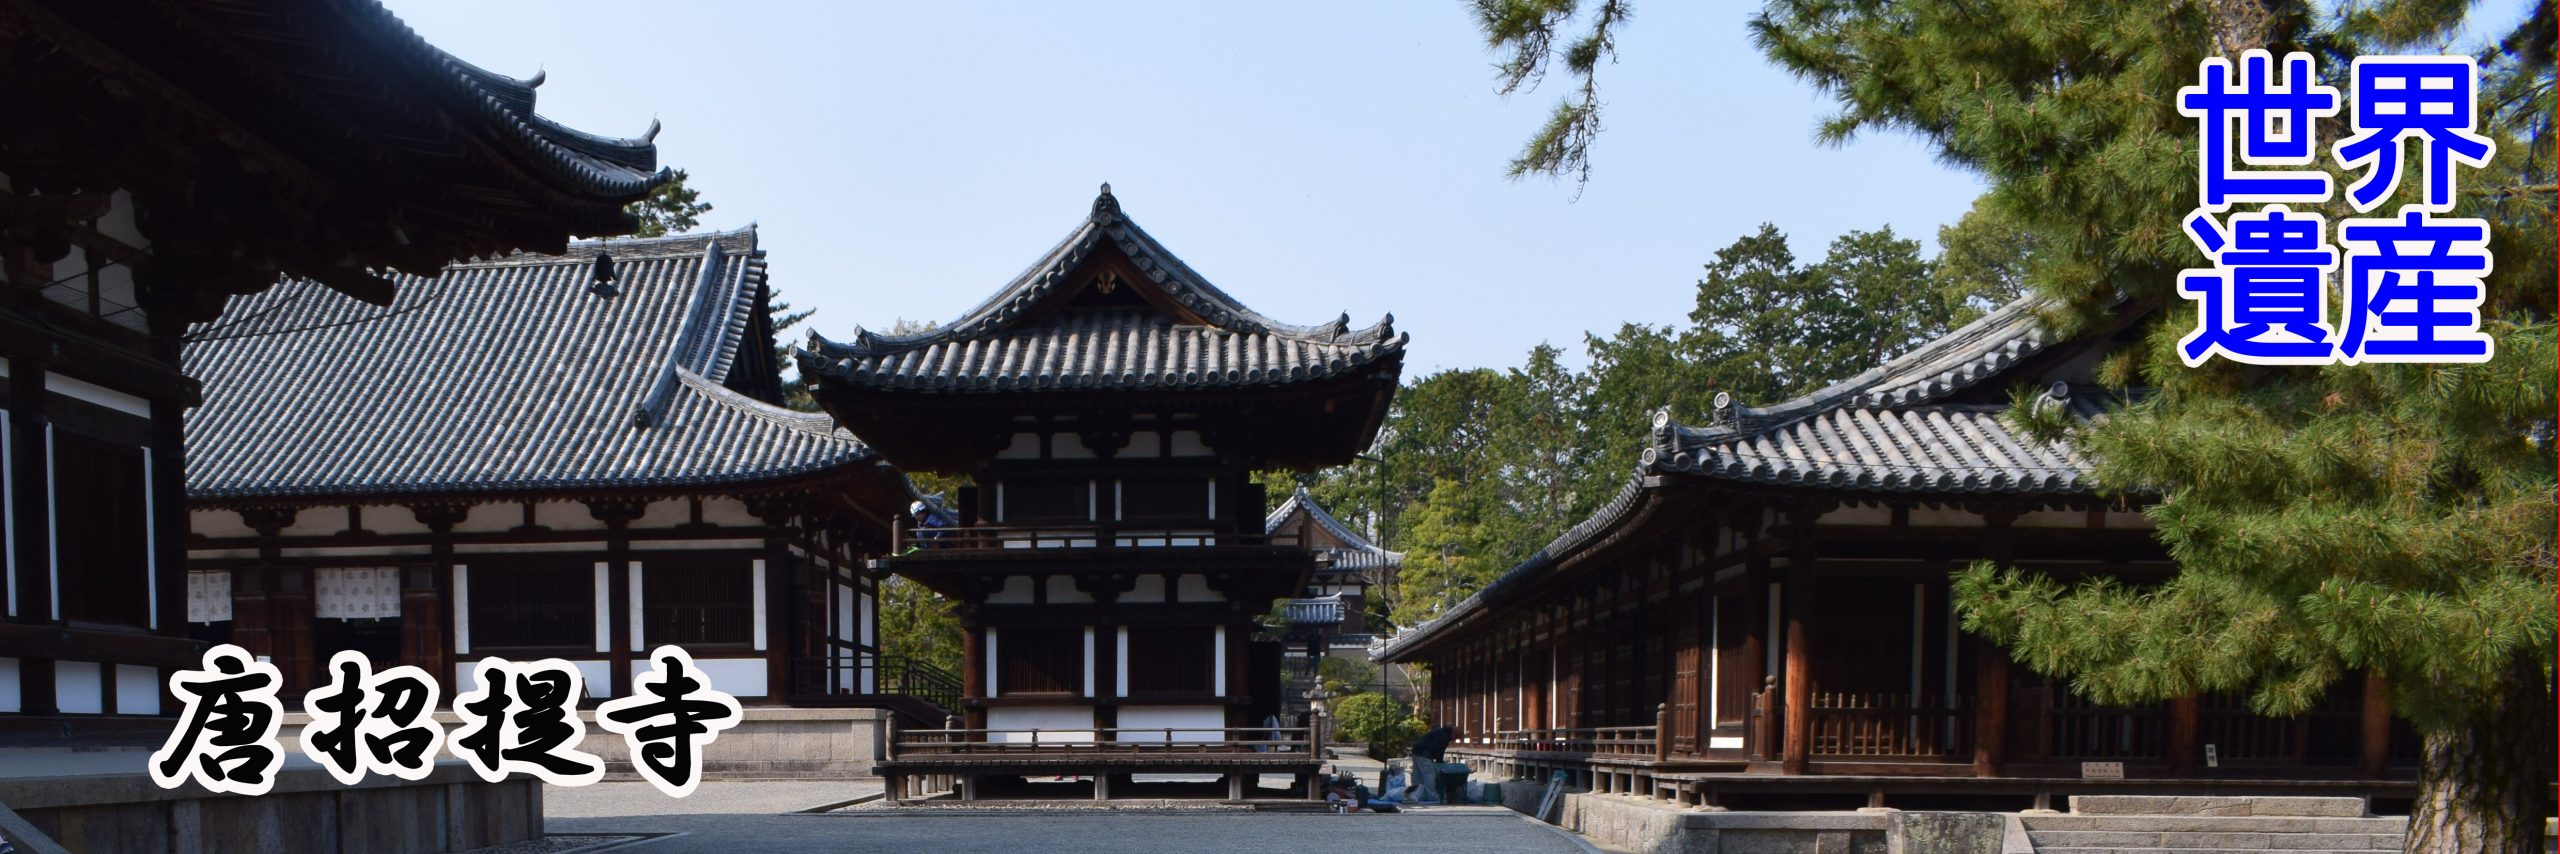 唐招提寺世界遺産1